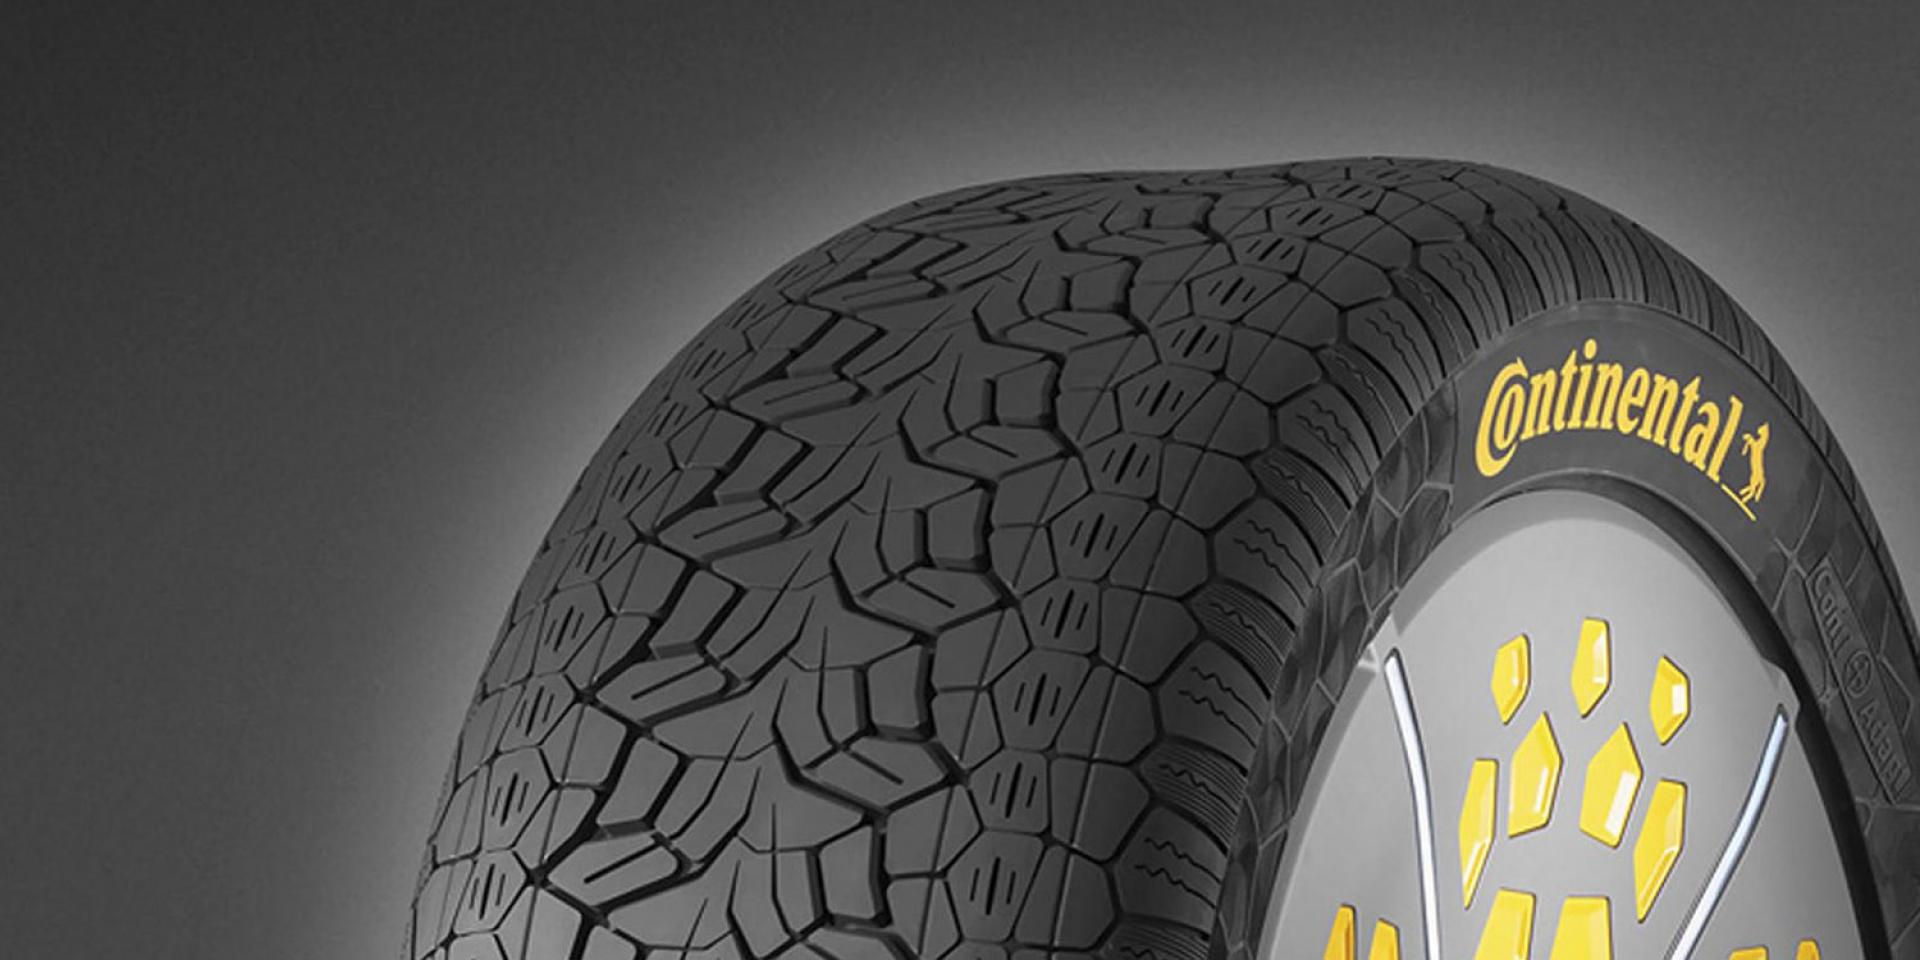 輪胎也有行車模式?!Continental馬牌輪胎發表全新電控概念輪胎